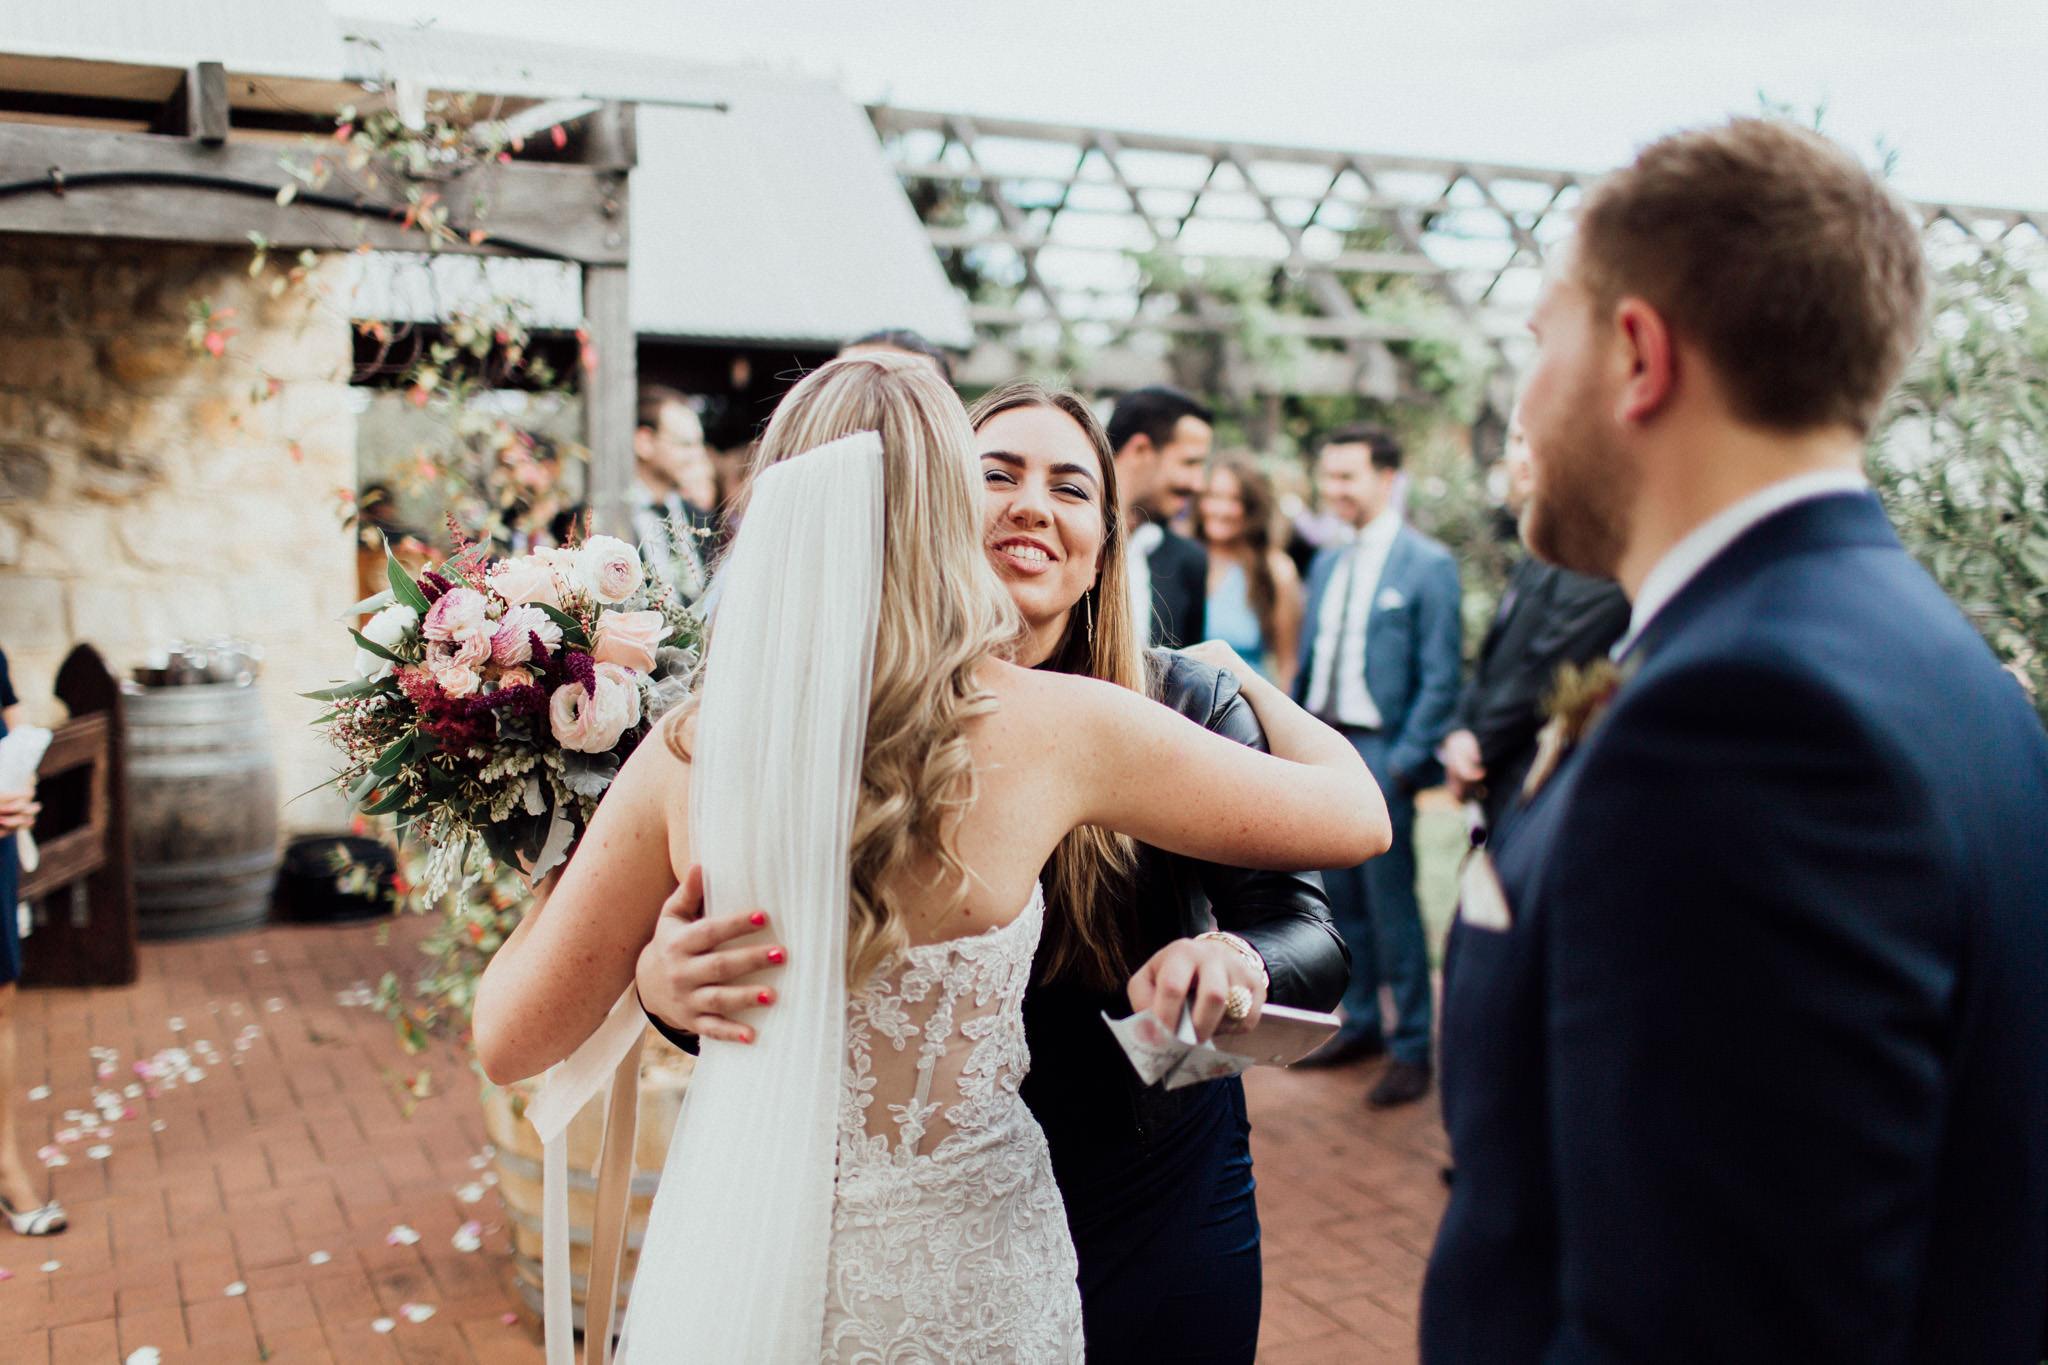 WeddingPhotos_Facebook_2048pixels-1060.jpg